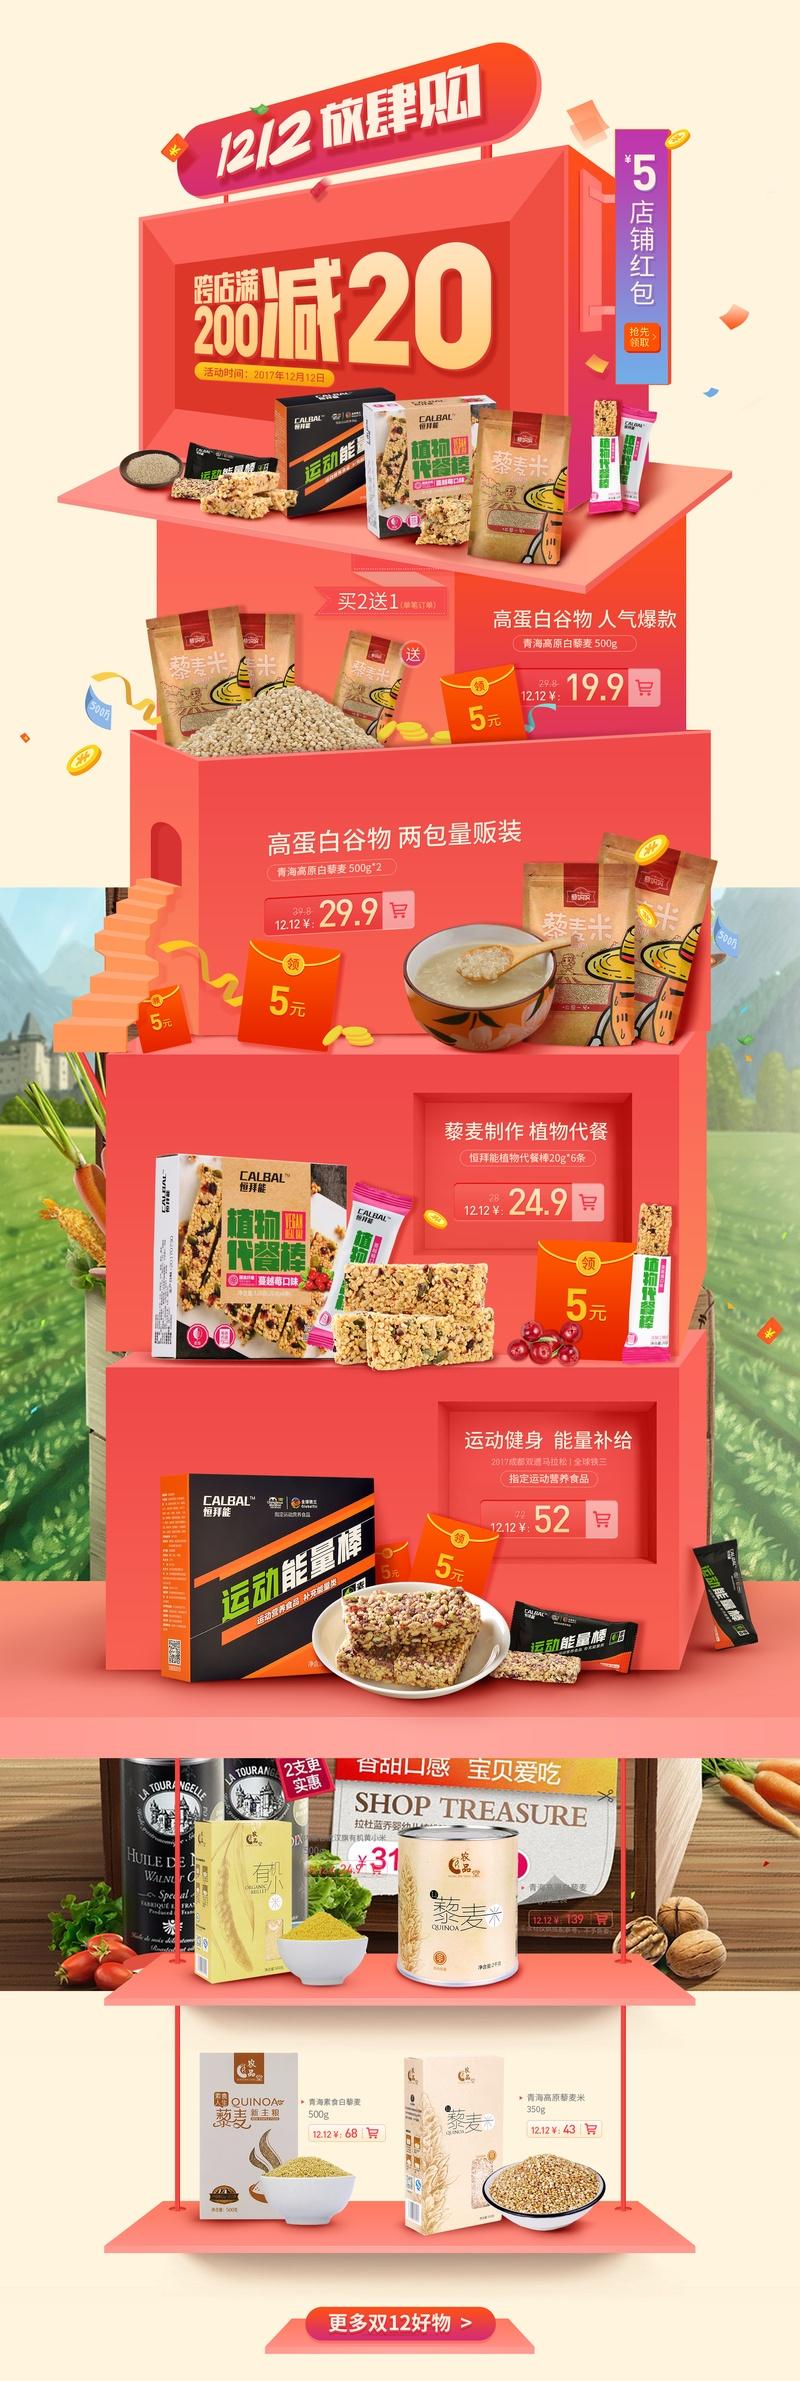 电商淘宝双十二预热红黄藜麦米食品首页模板